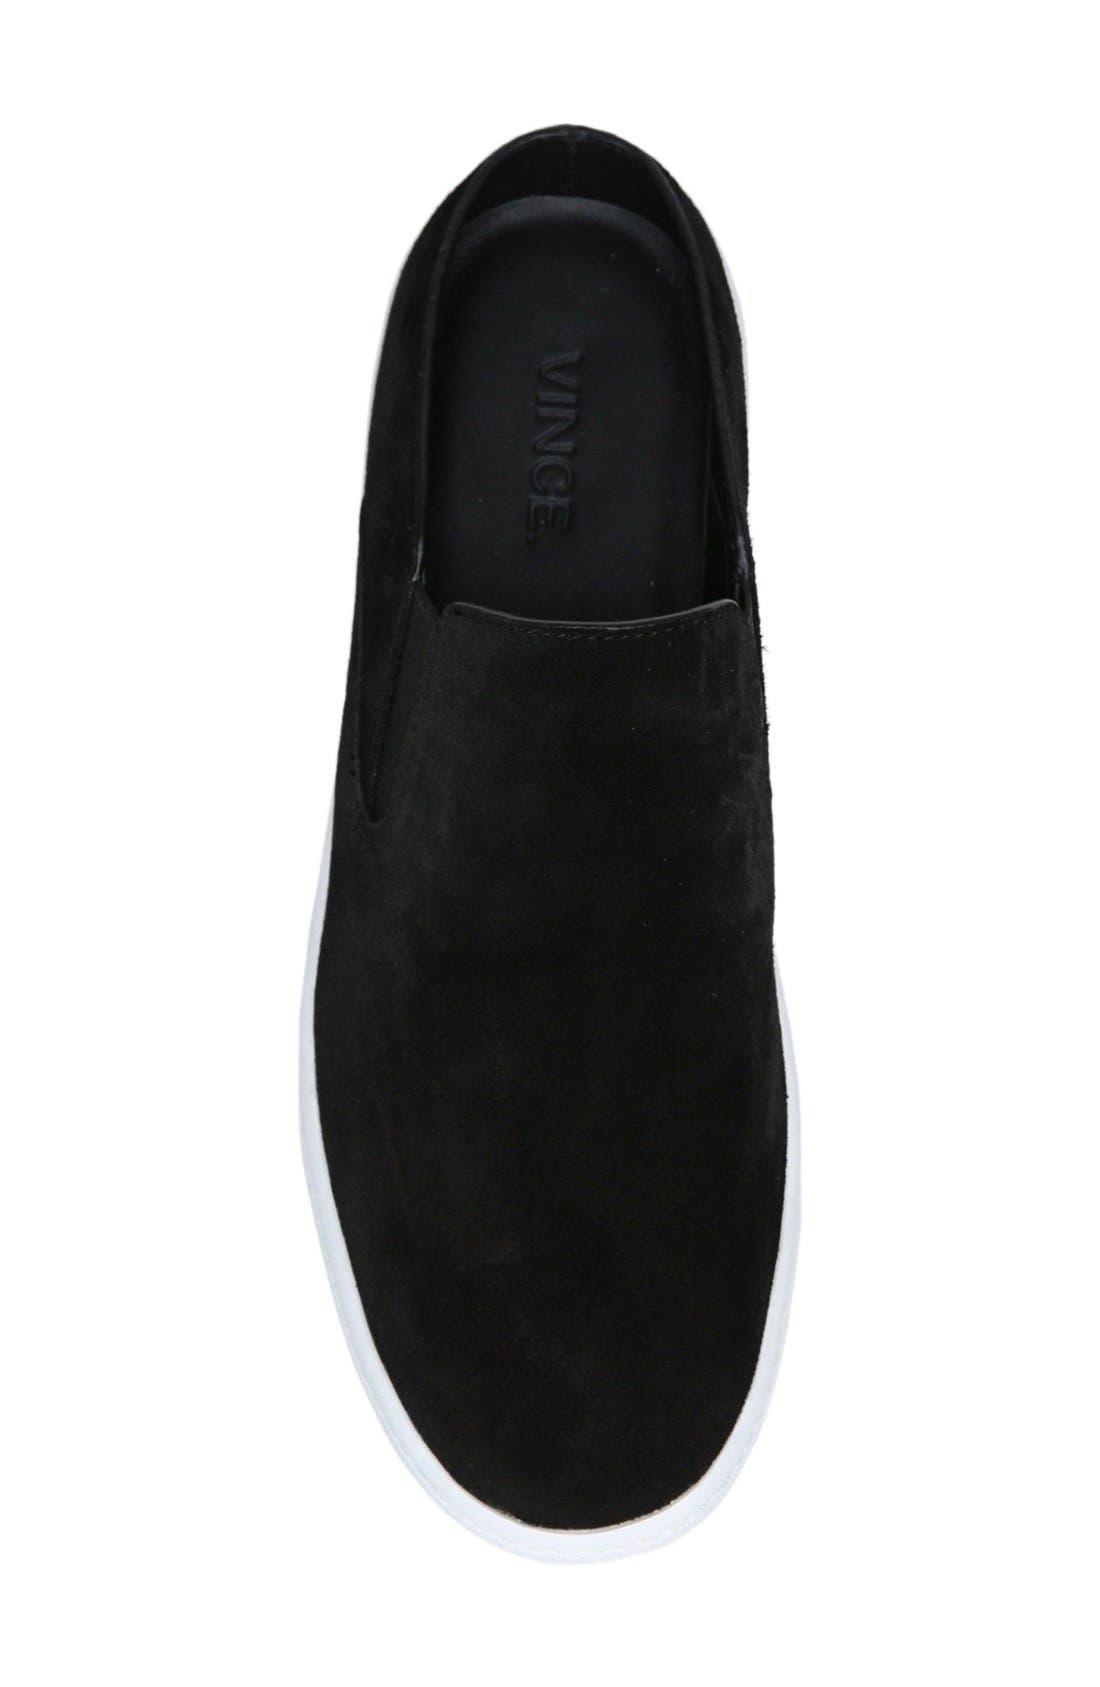 Verrell Slip-On Sneaker,                             Alternate thumbnail 4, color,                             Black Suede